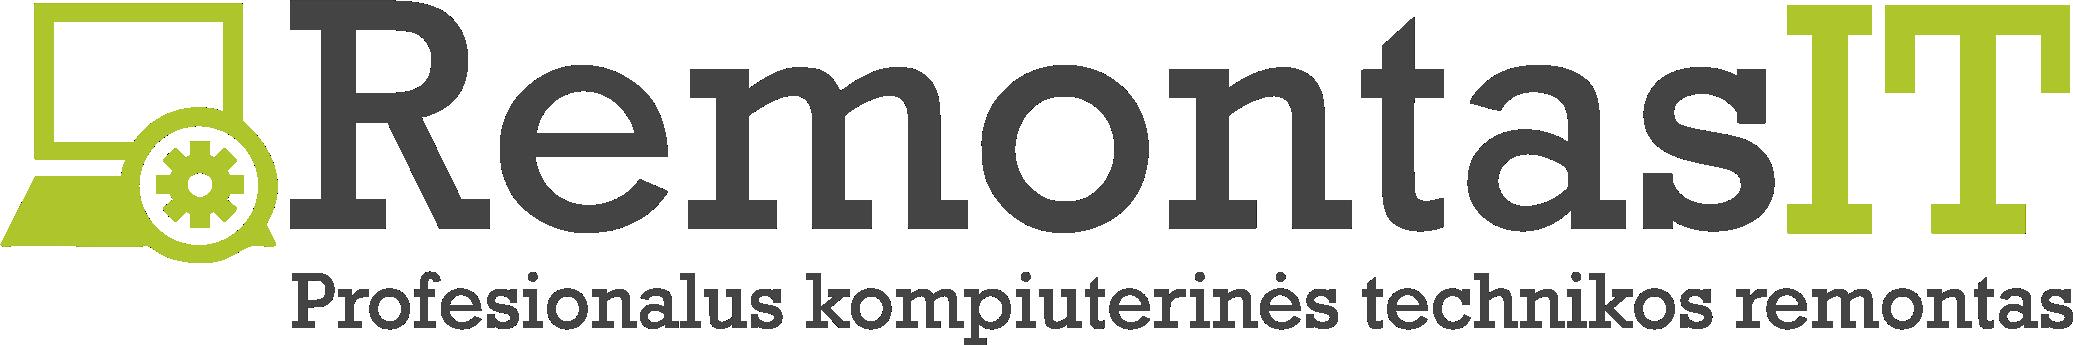 Remontas IT logo